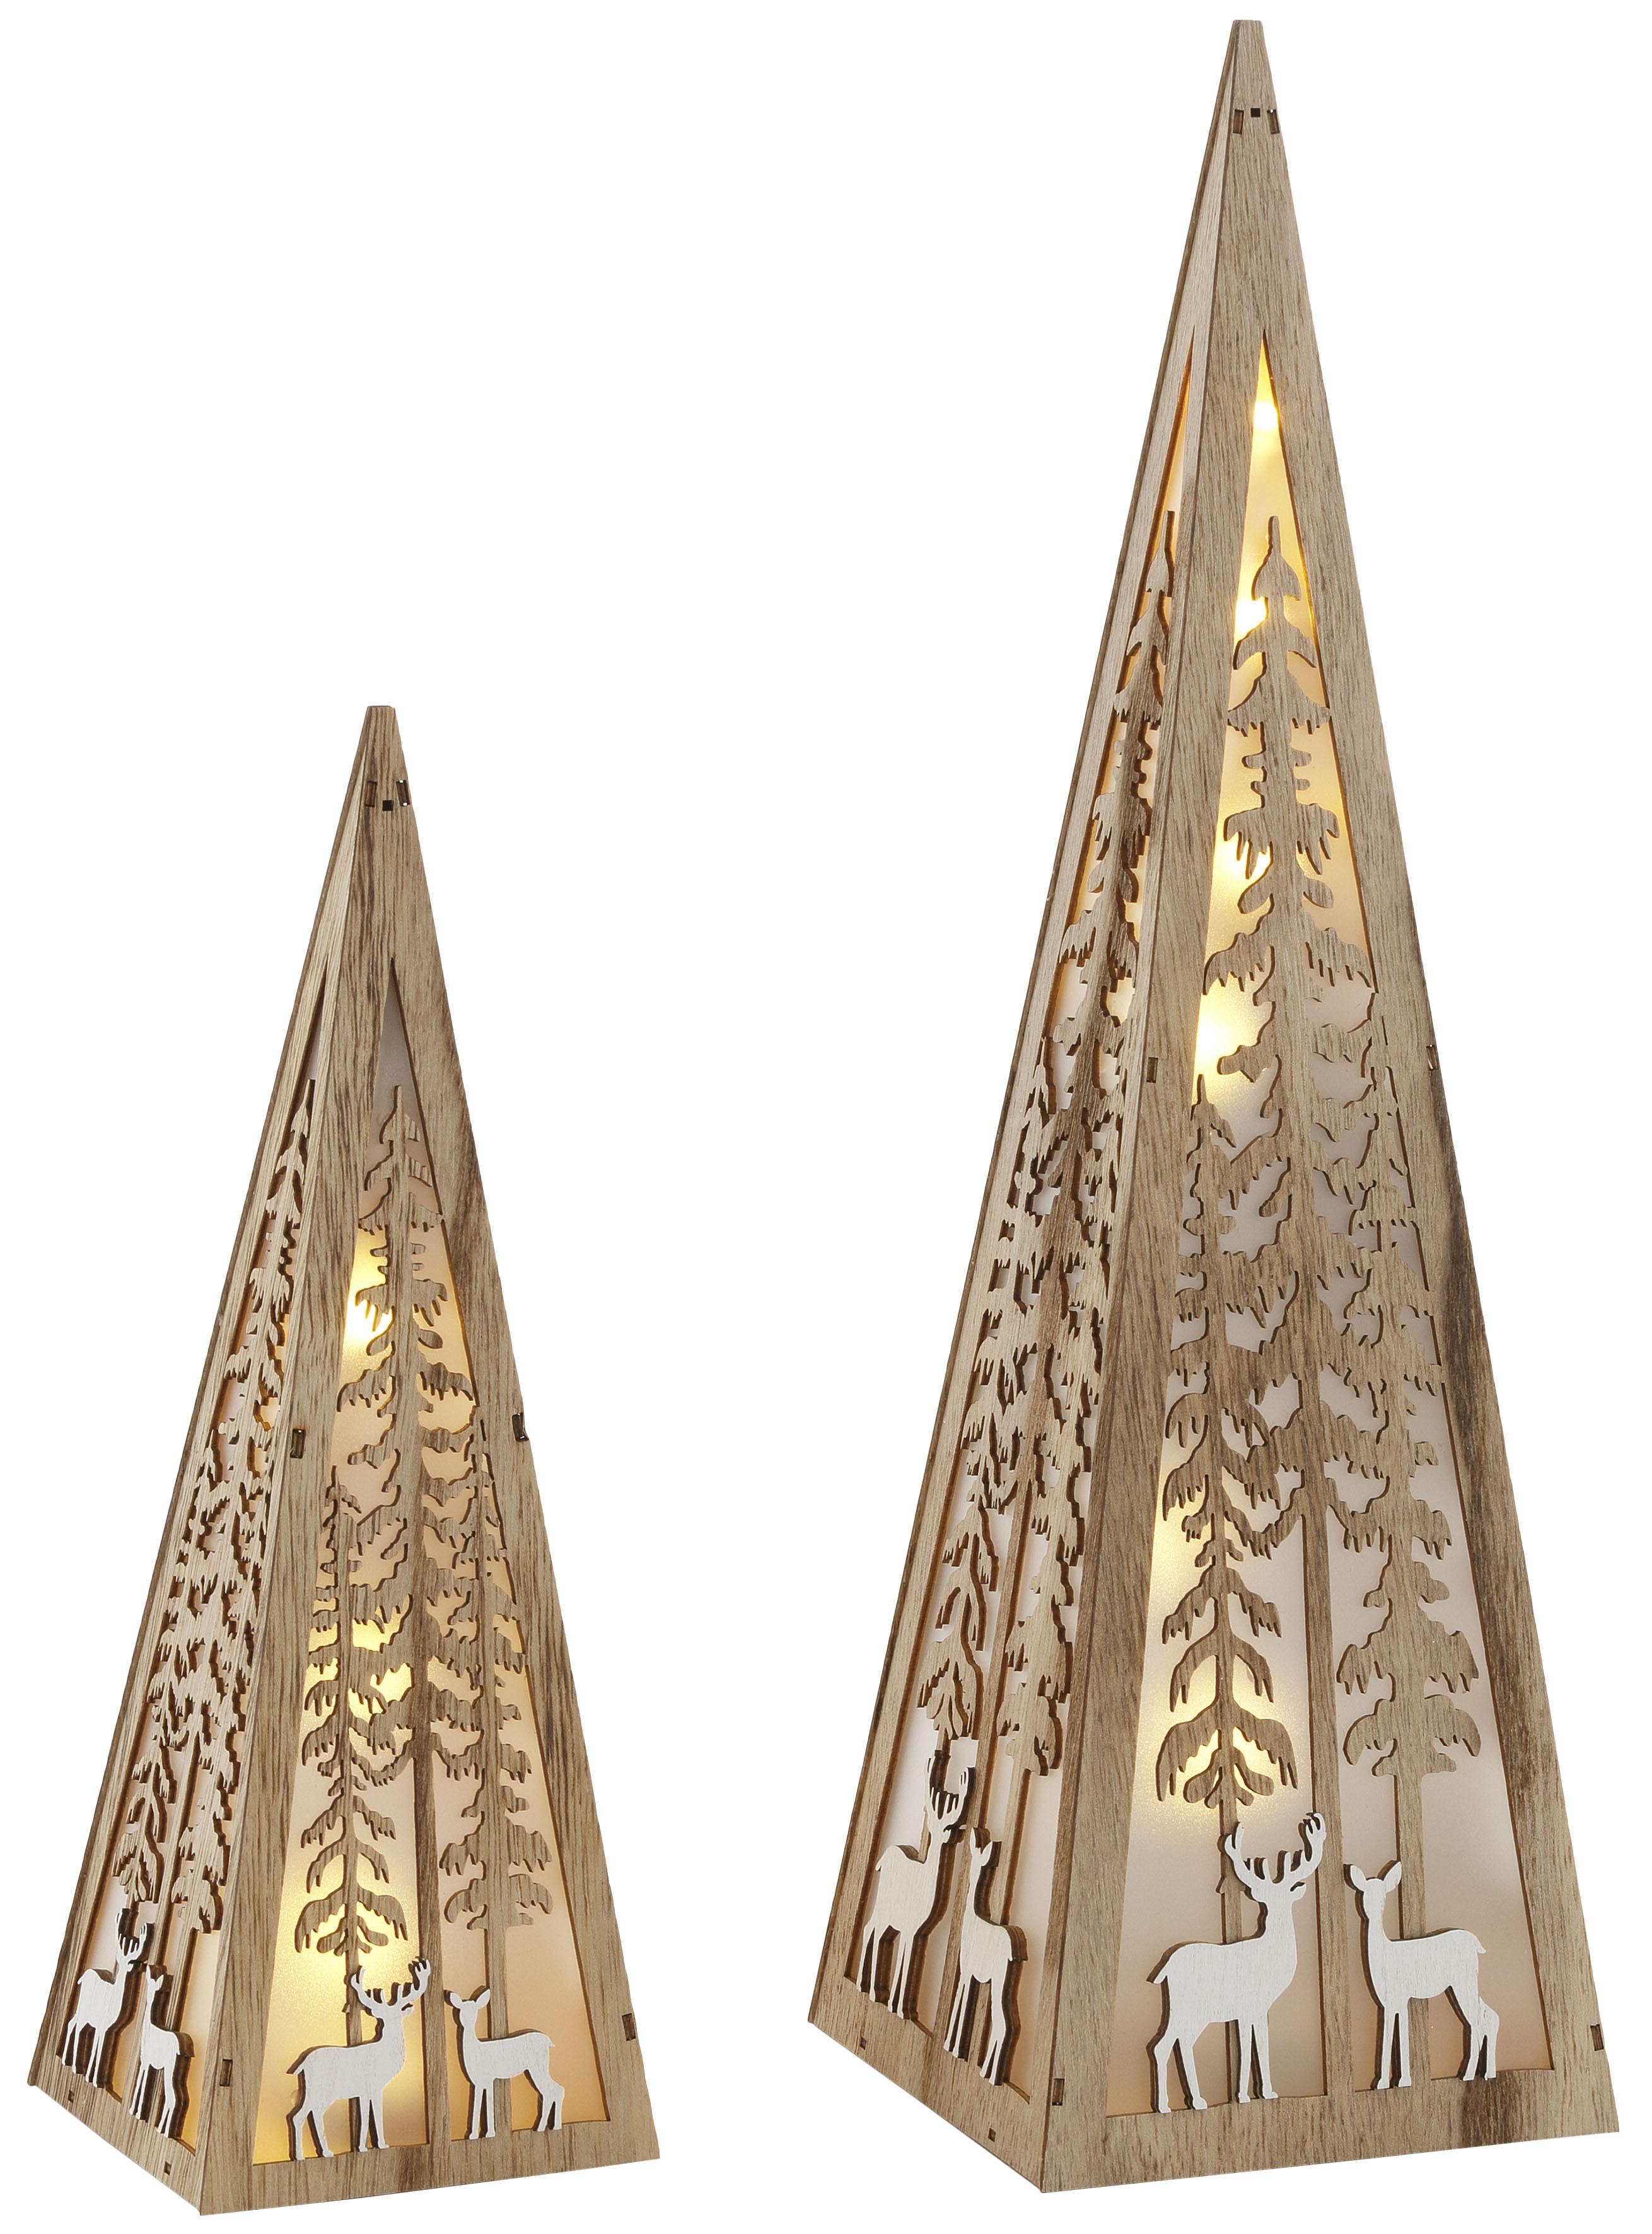 Home affaire LED Dekoobjekt Pyramide, Warmweiß, im 2-teiligen Set, mit liebevollen Details, Höhe ca. 30 + 45 cm